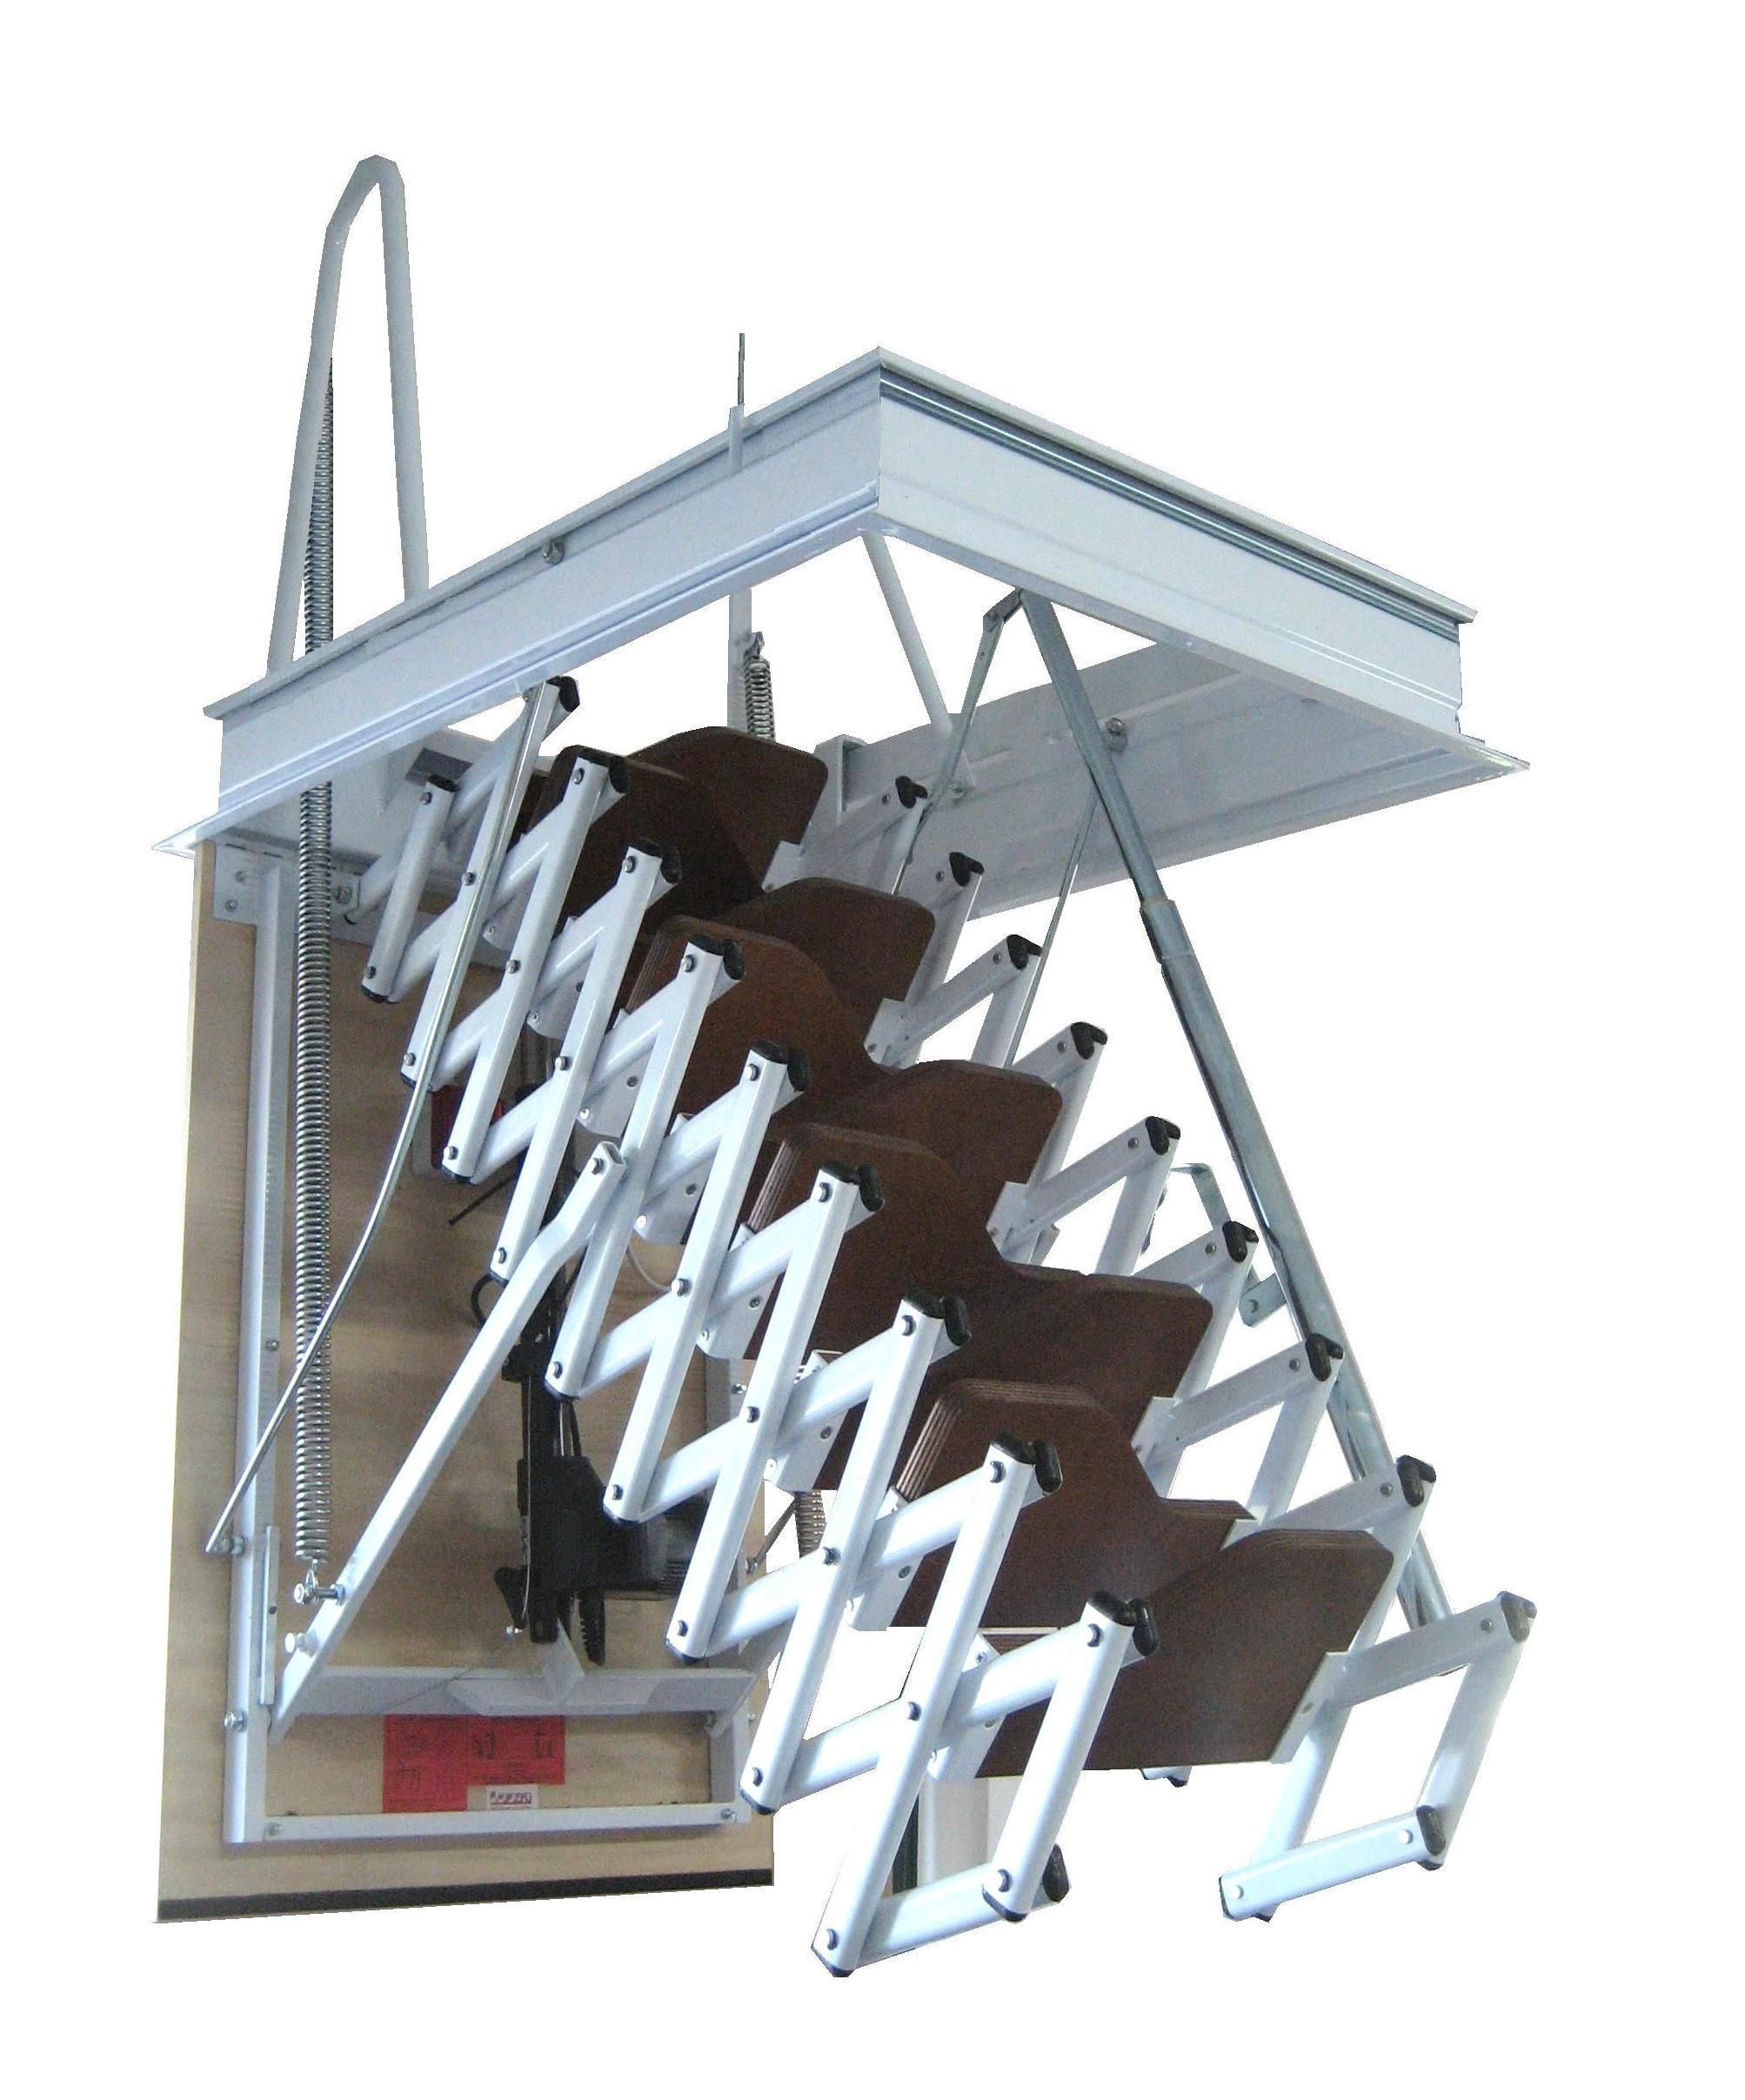 Elegant escalera plegable tipo tijera para techo archivos for Escaleras para buhardillas plegables